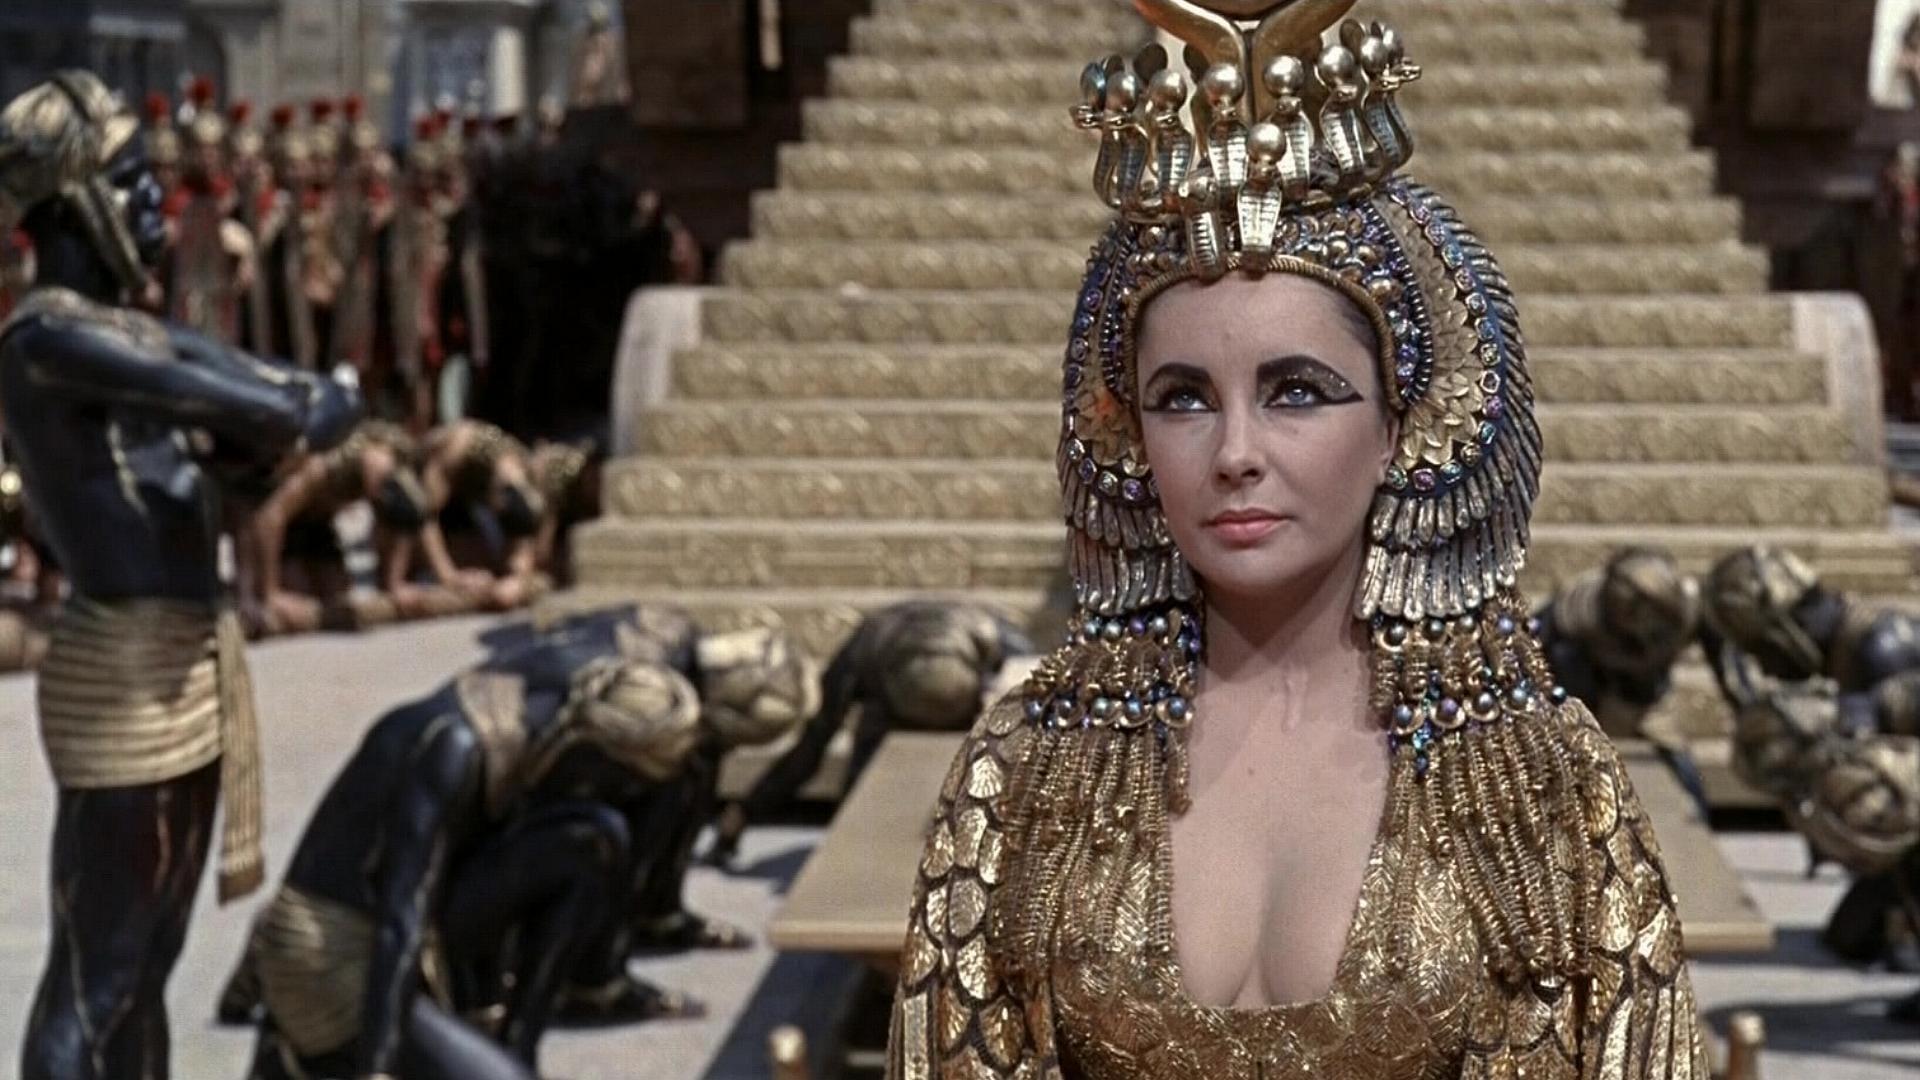 Cleopatra backdrop